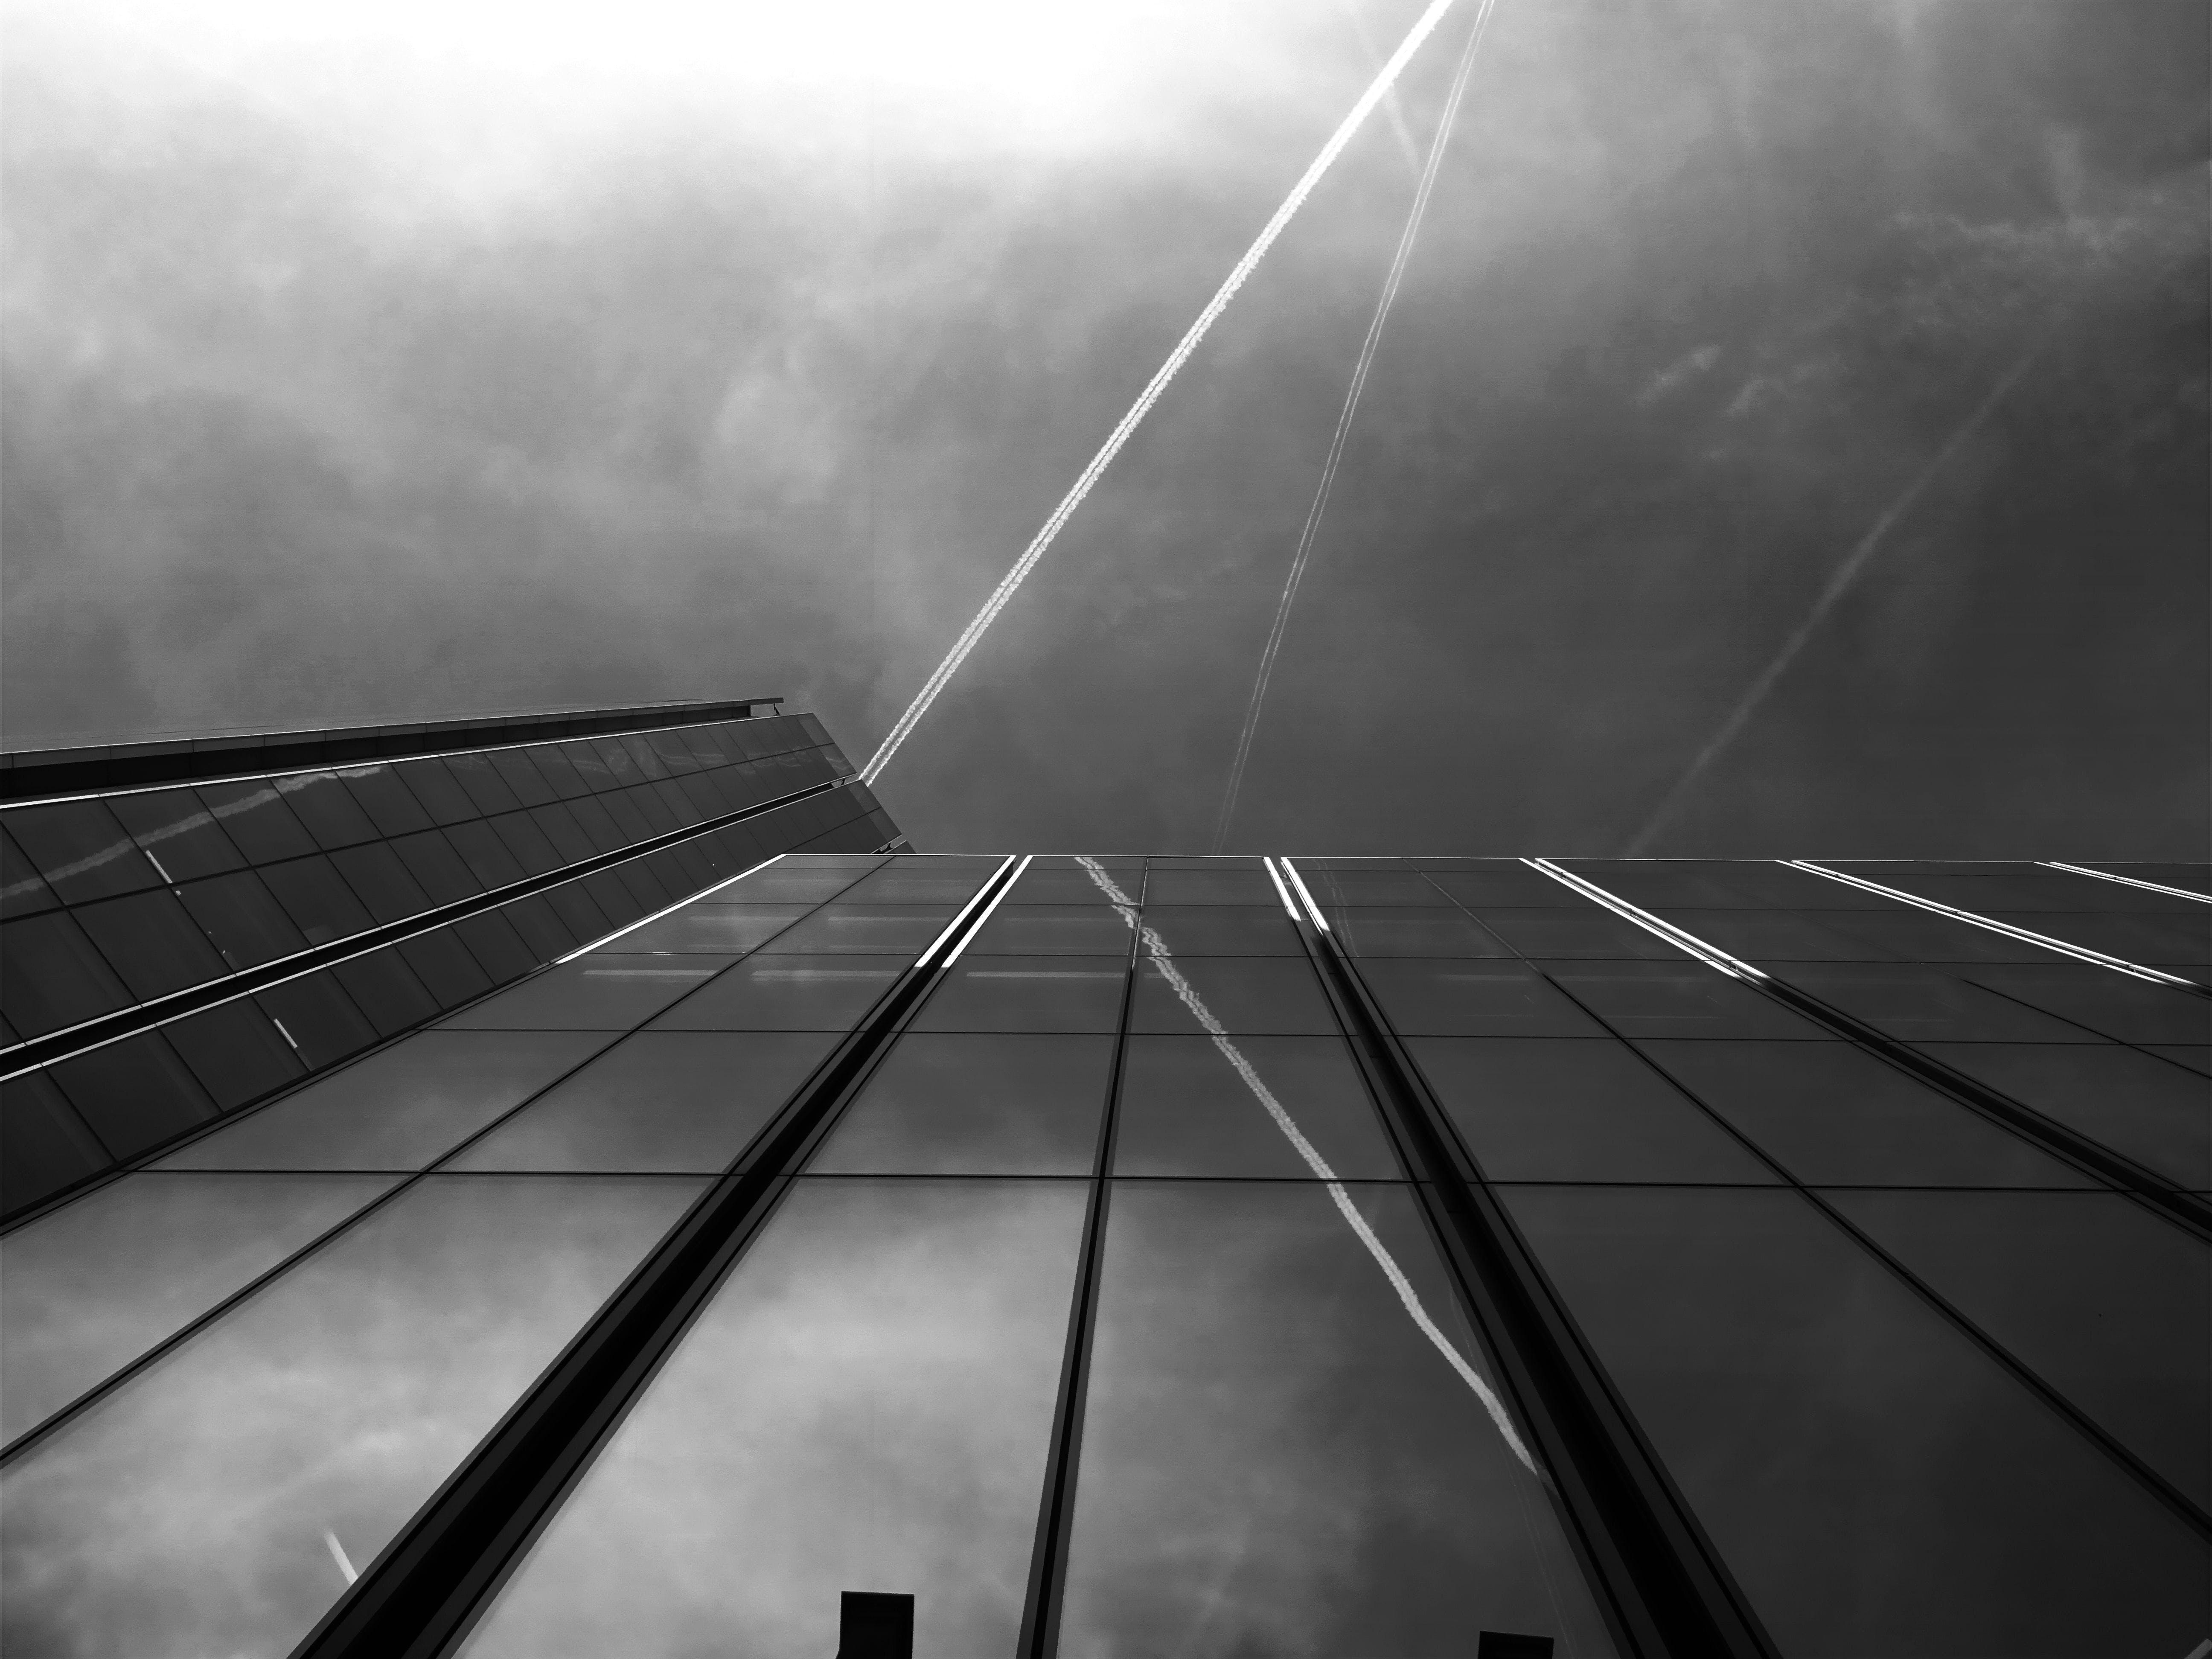 Kostenloses Stock Foto zu architektur, aufnahme von unten, einfarbig, gebäude